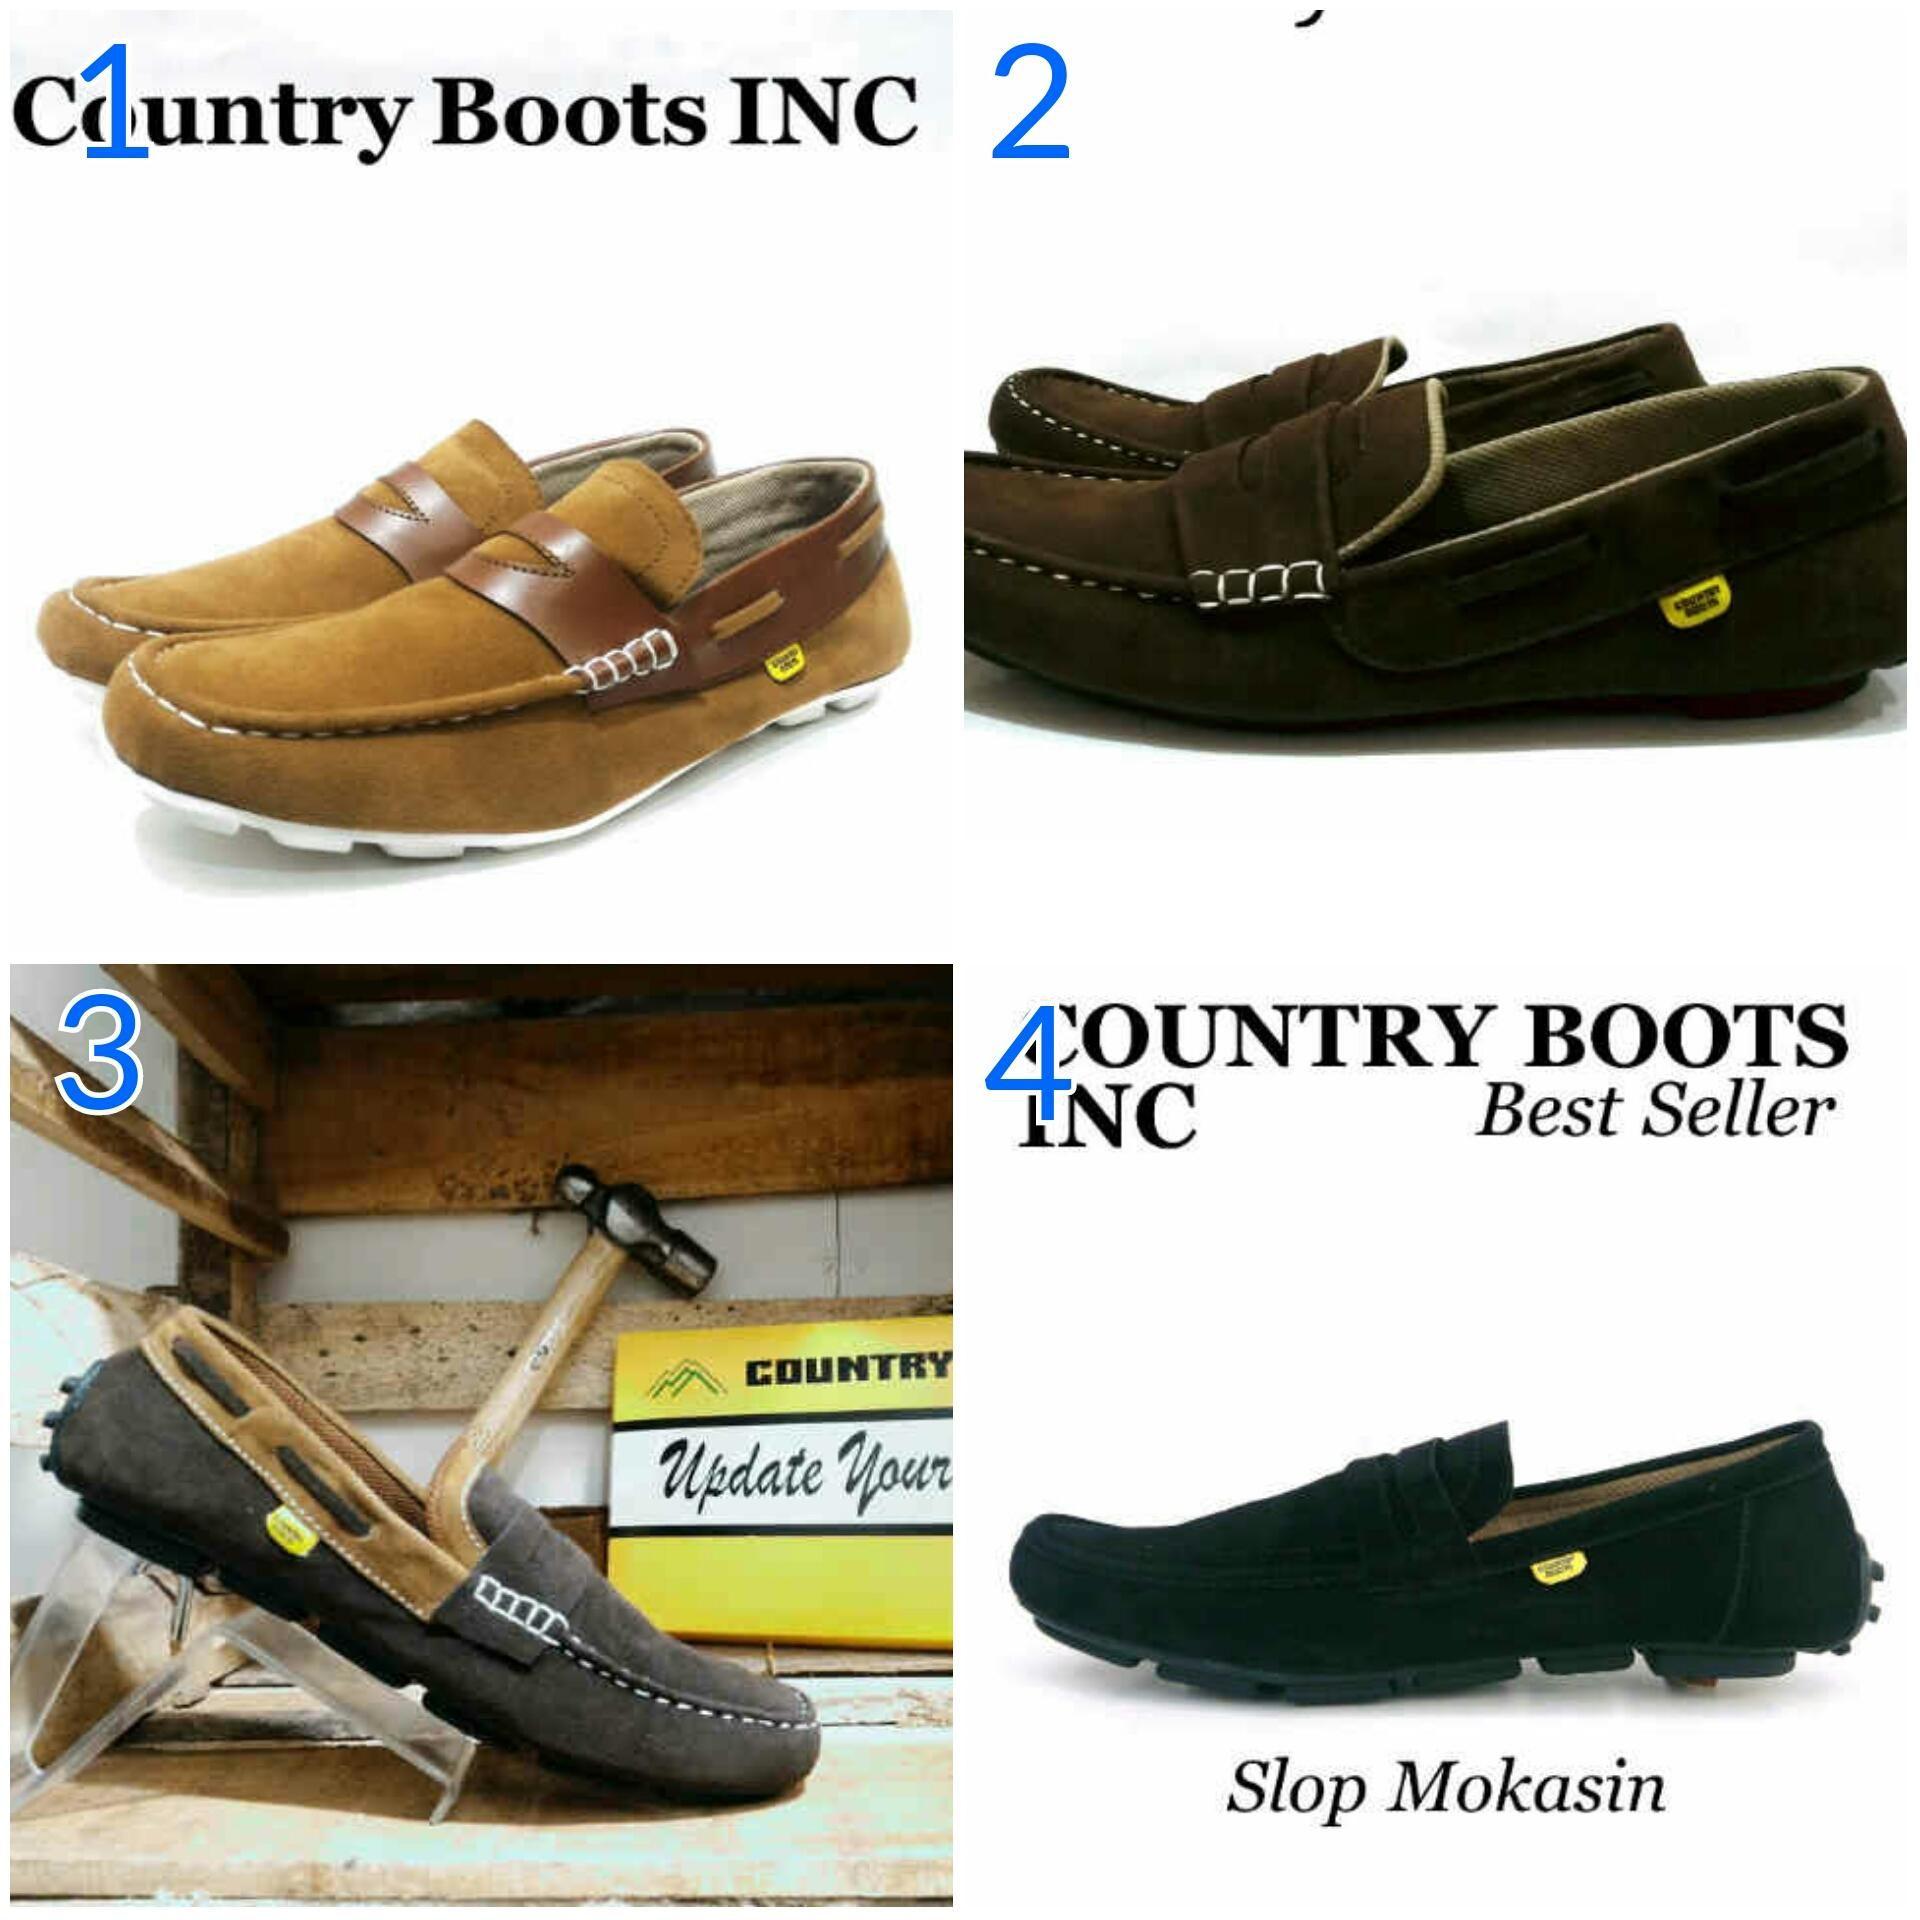 Promo Sepatu Country Boots Slop Mokasin Original Sepatu Pria